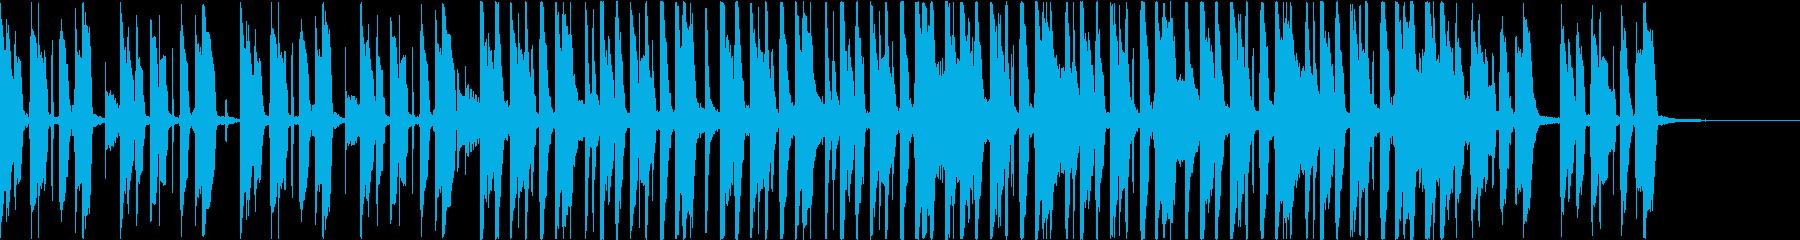 カッティング、都会的ファンクの再生済みの波形